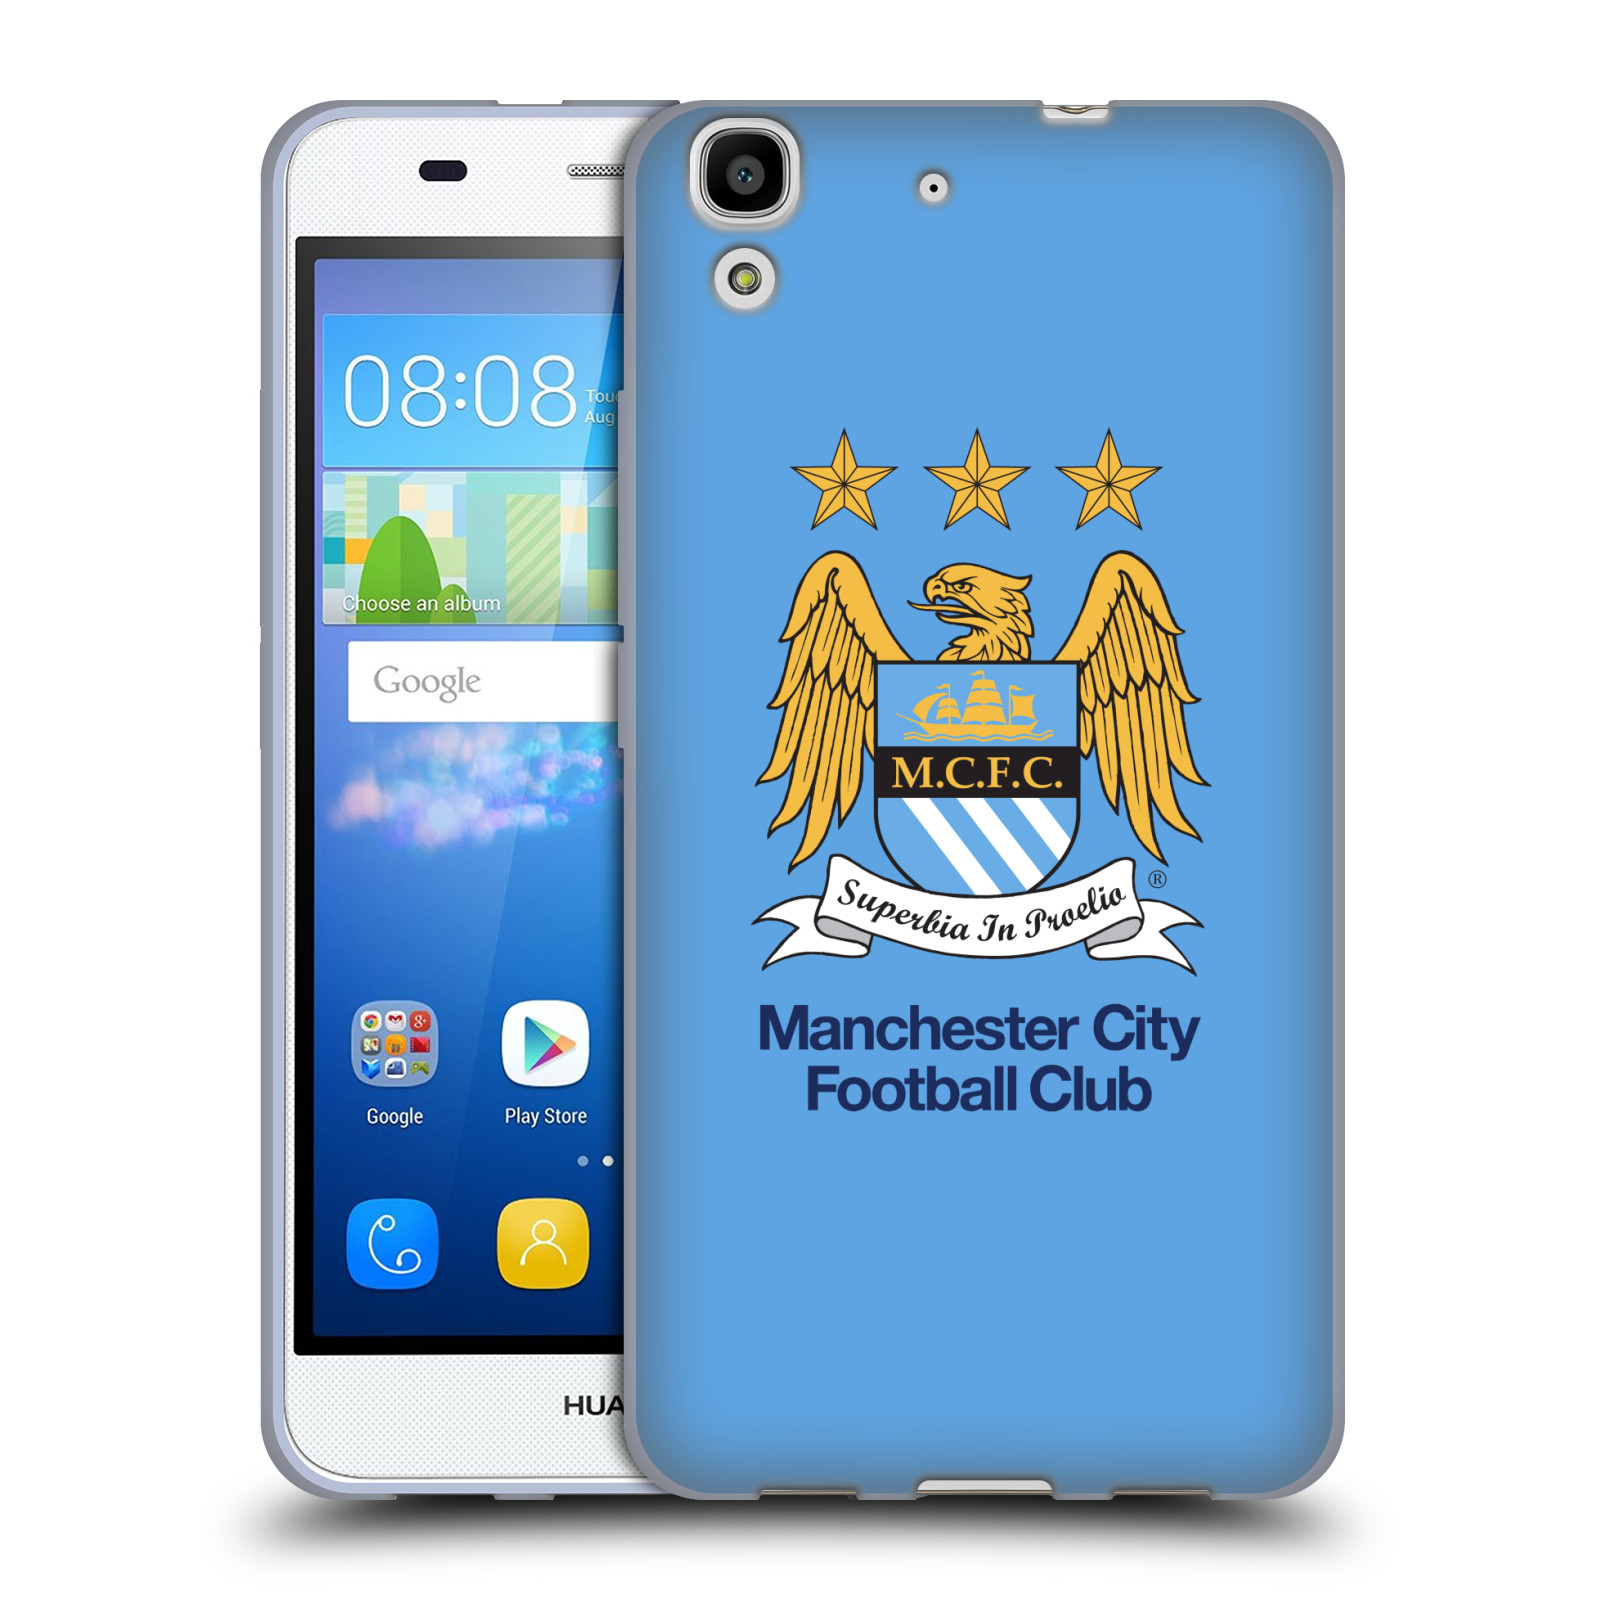 HEAD CASE silikonový obal na mobil Huawei Y6 Fotbalový klub Manchester City nebesky modrá pozadí velký znak pták